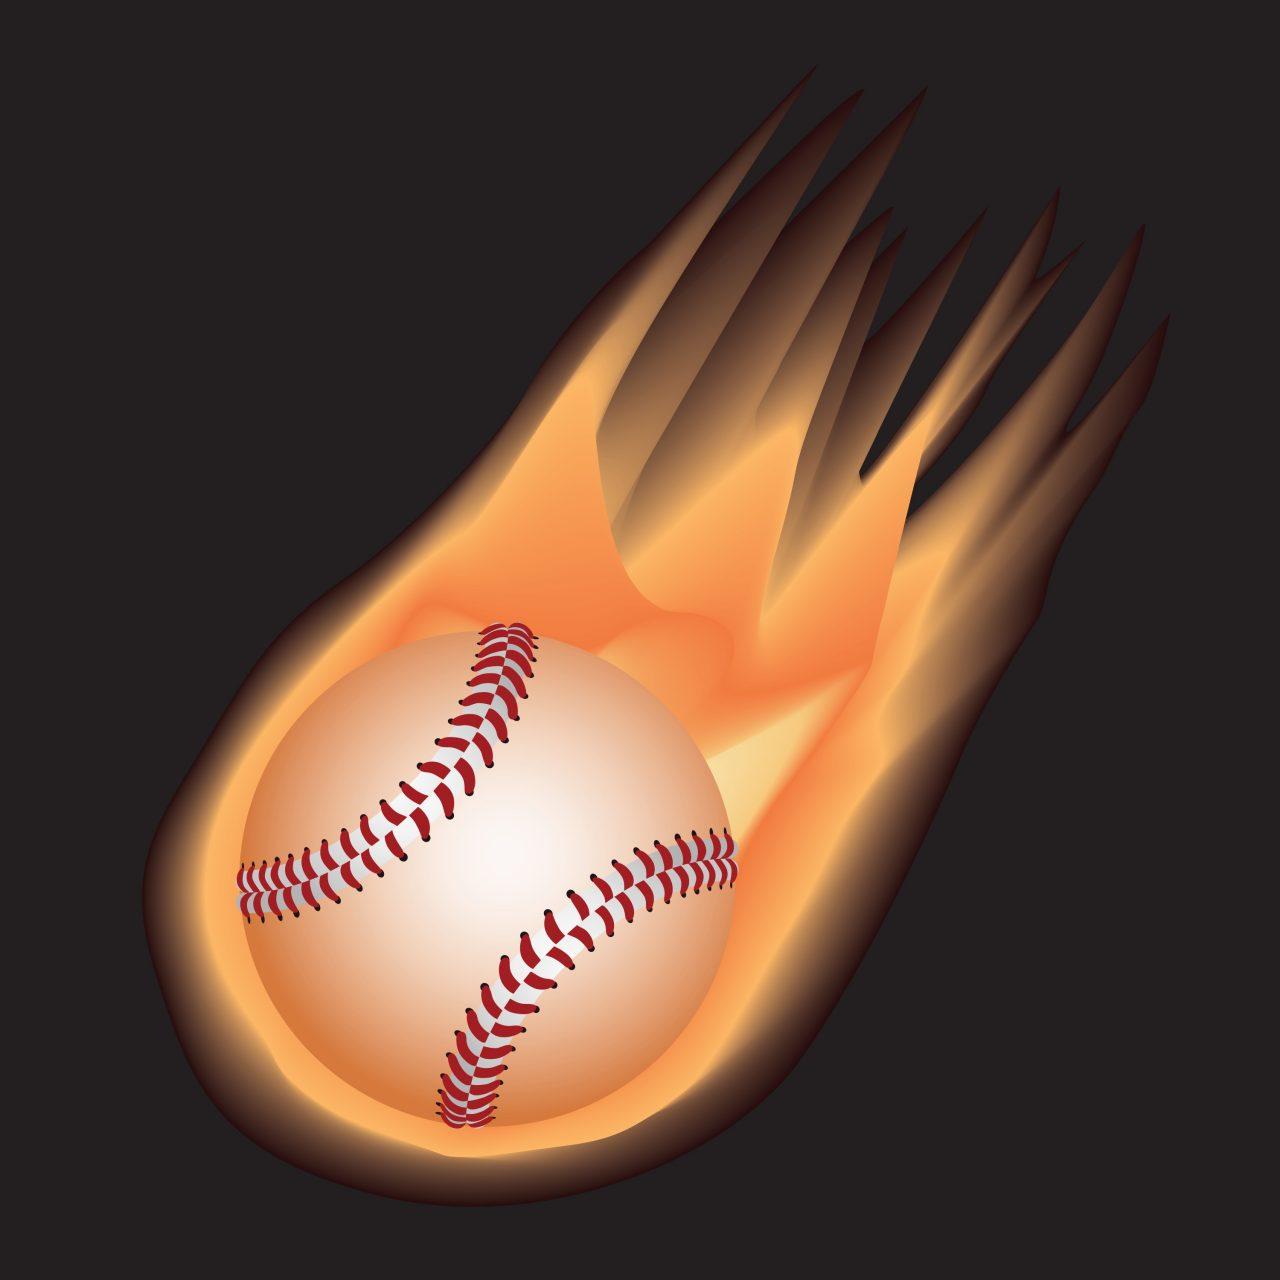 野球選手の命に関わるかもしれない!頭部へのデッドボールの怖さ!